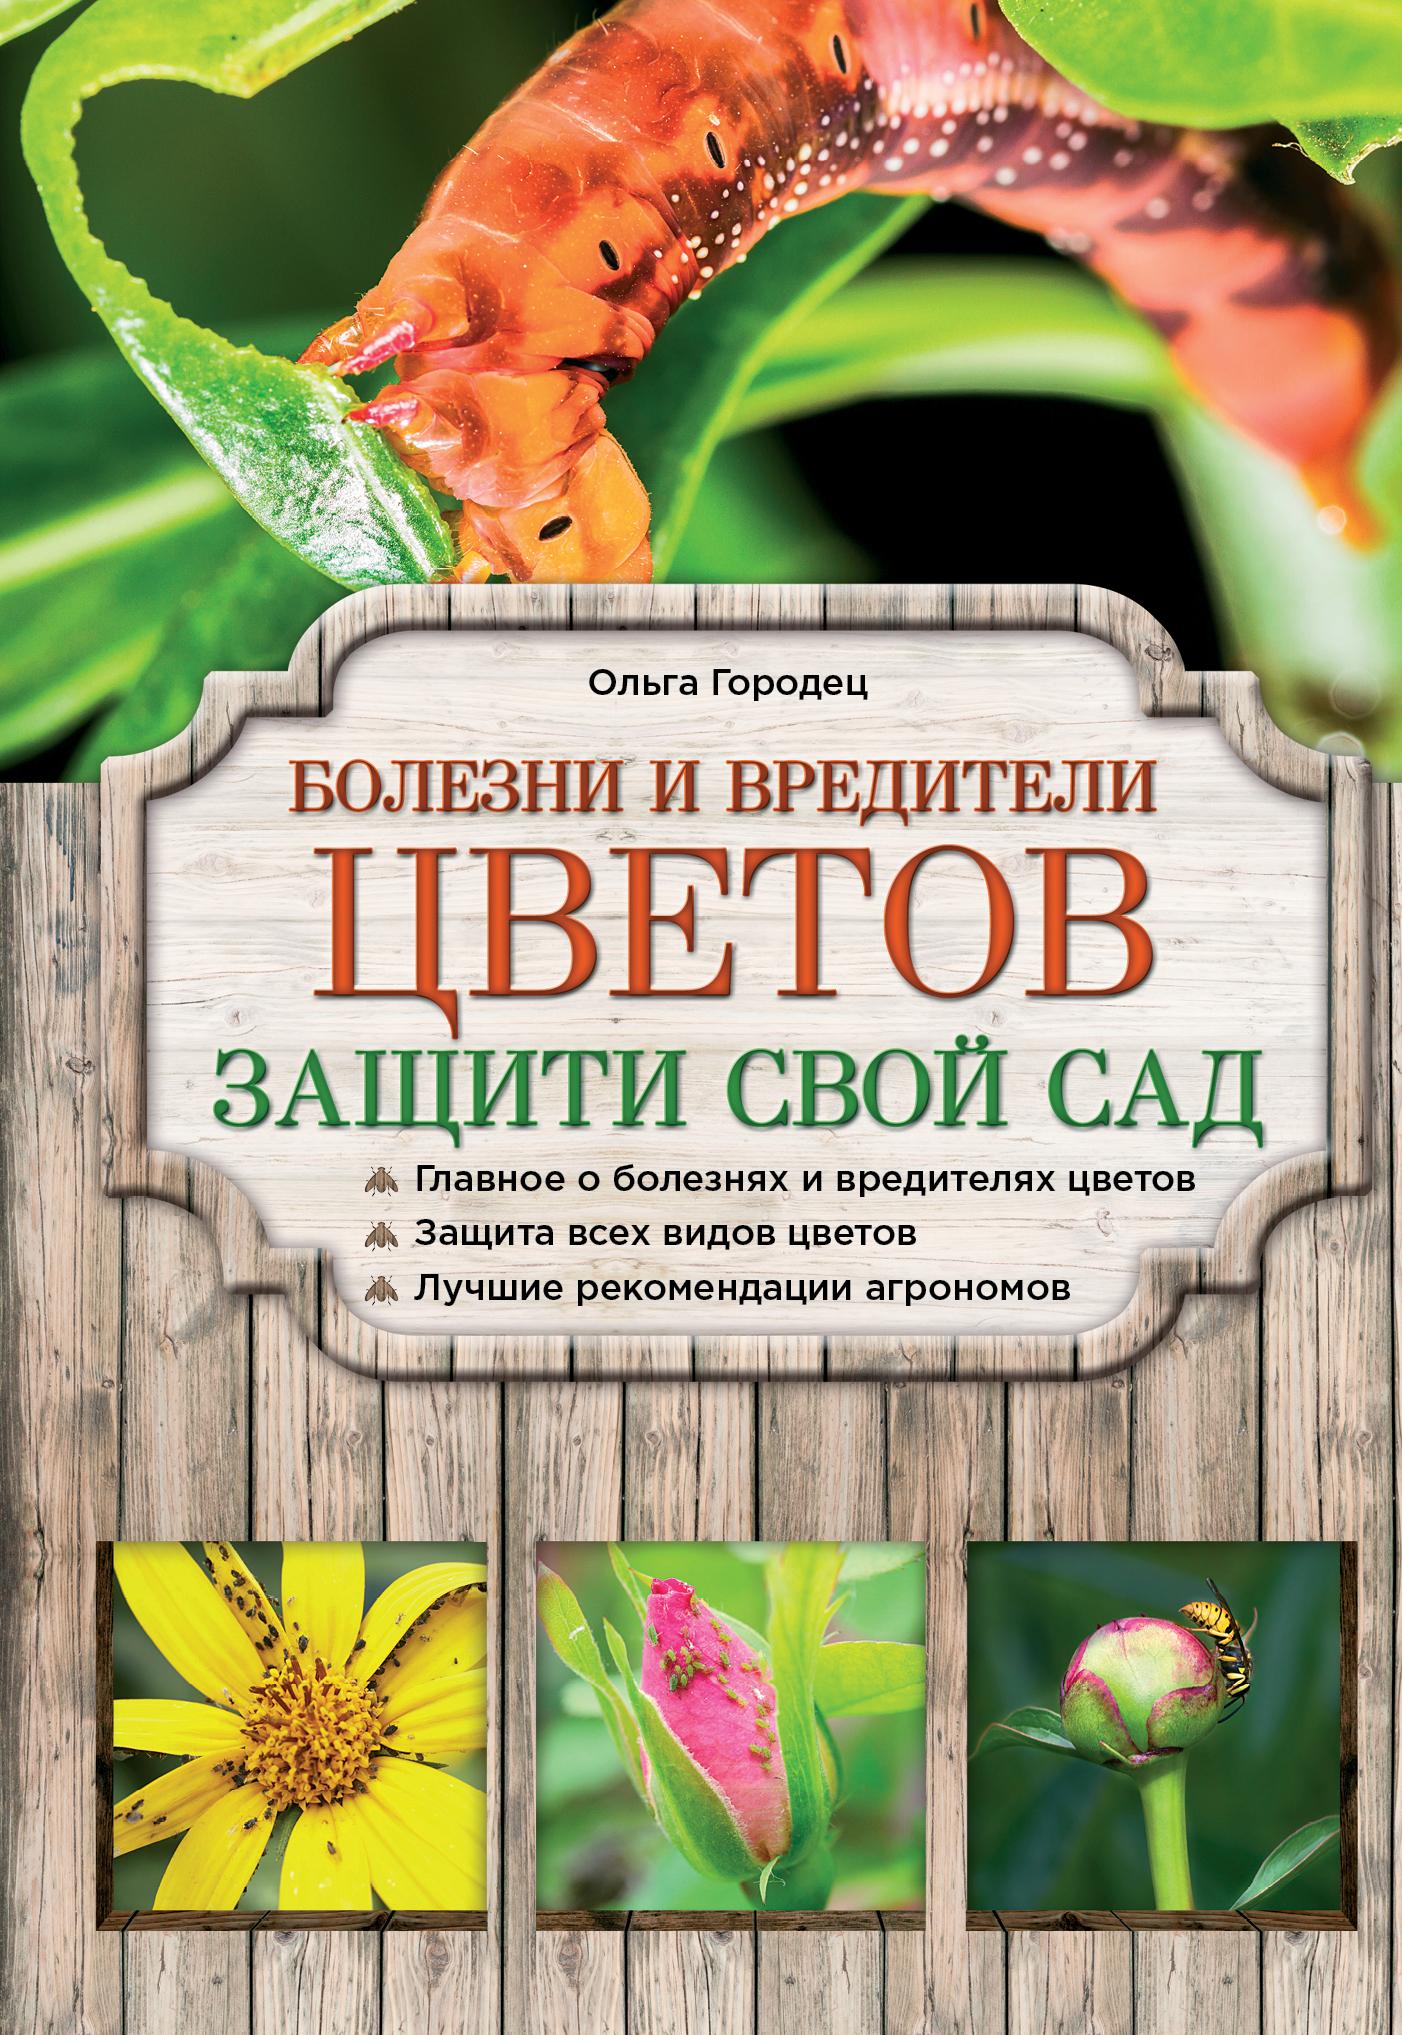 Ольга Городец Болезни и вредители цветов. Защити свой сад! horoz electric hl687l3wh